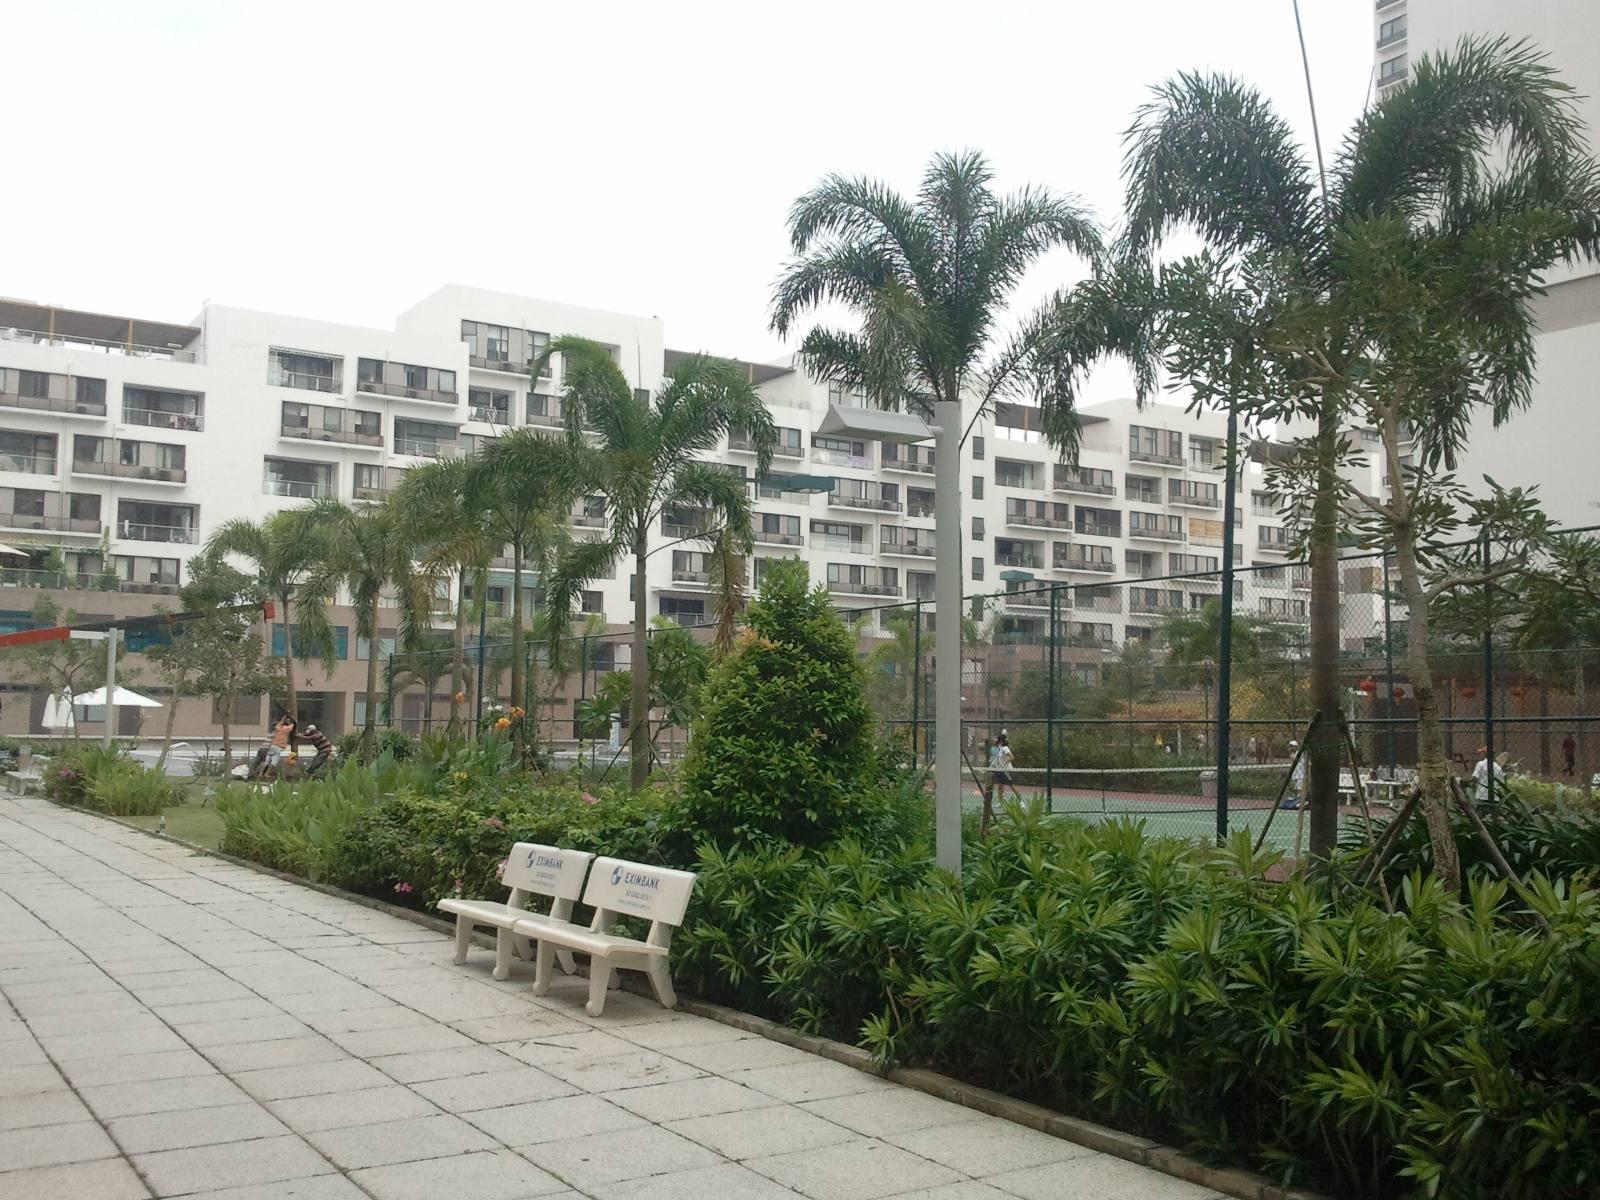 Thi công vường cảnh tòa nhà Panorama - Phú Mỹ Hưng